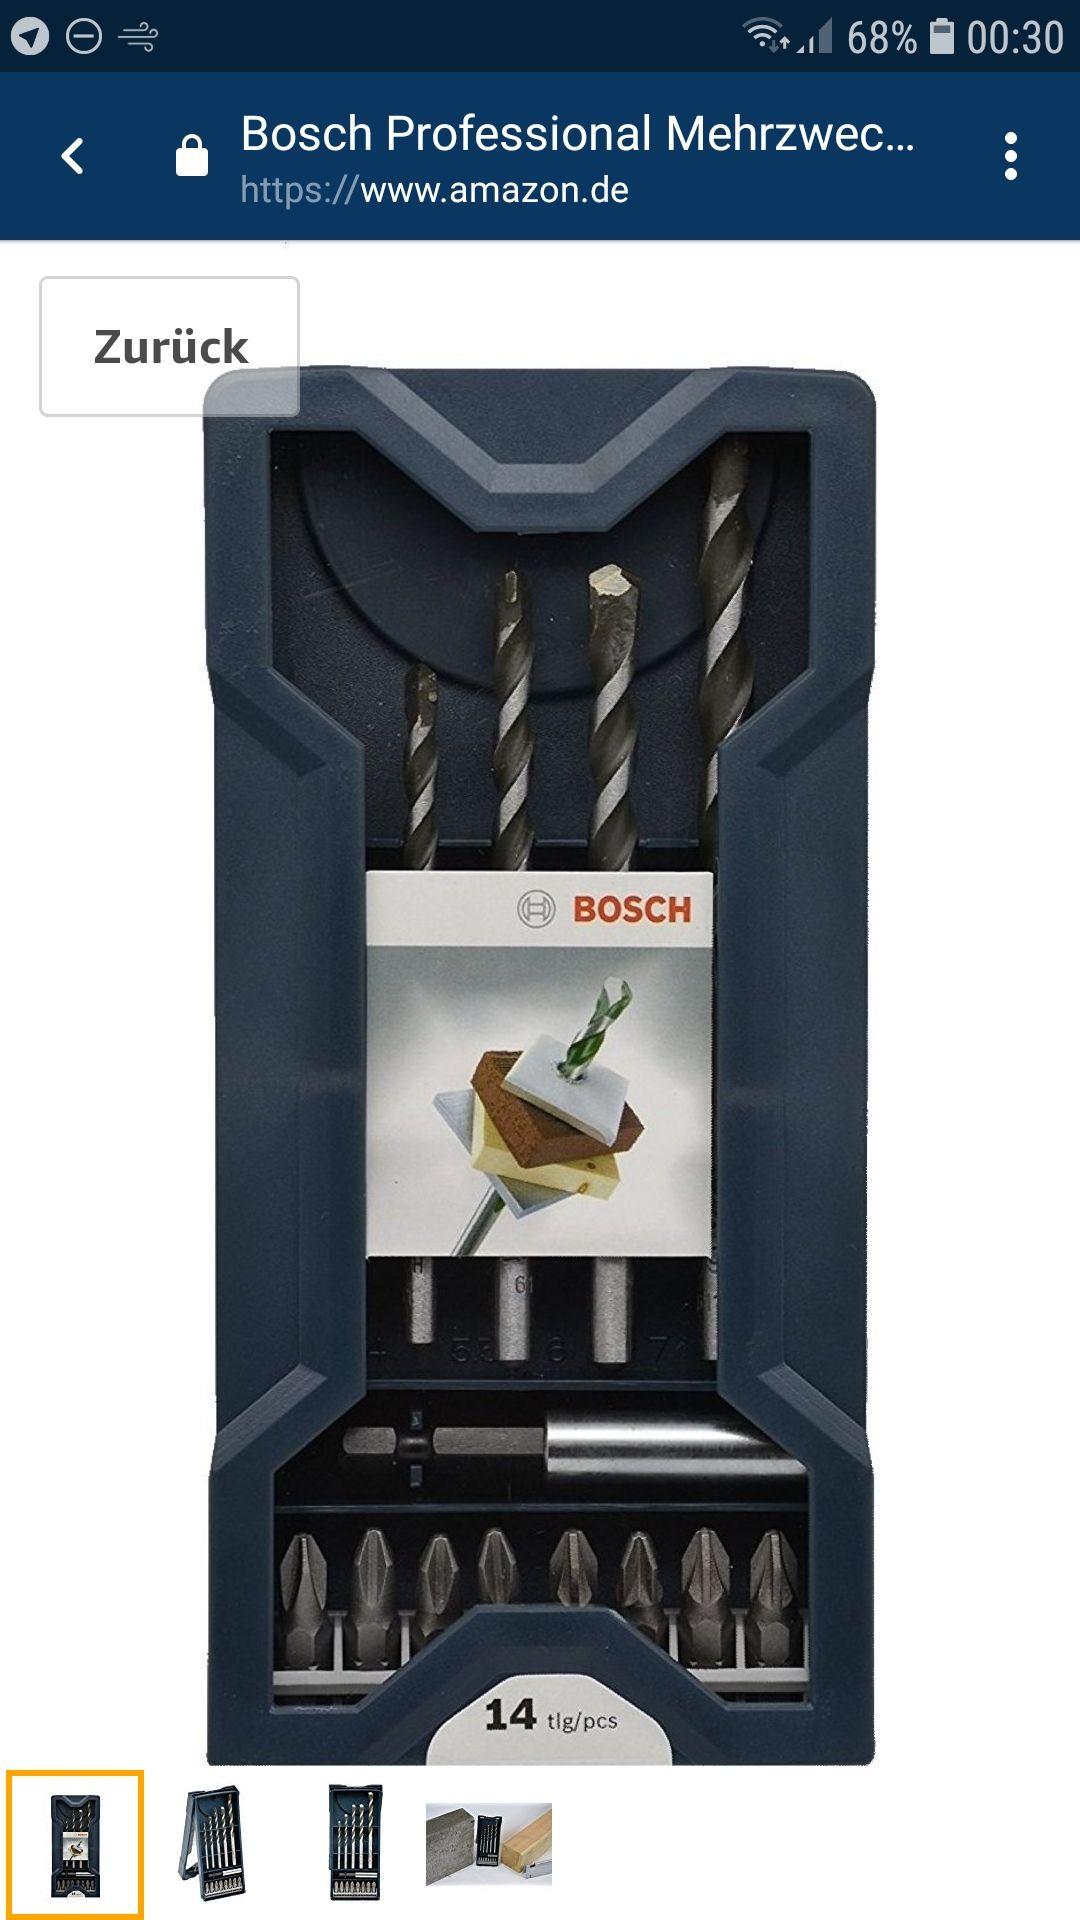 Bosch Professional Mehrzweckbohrer DIY 14tlg.